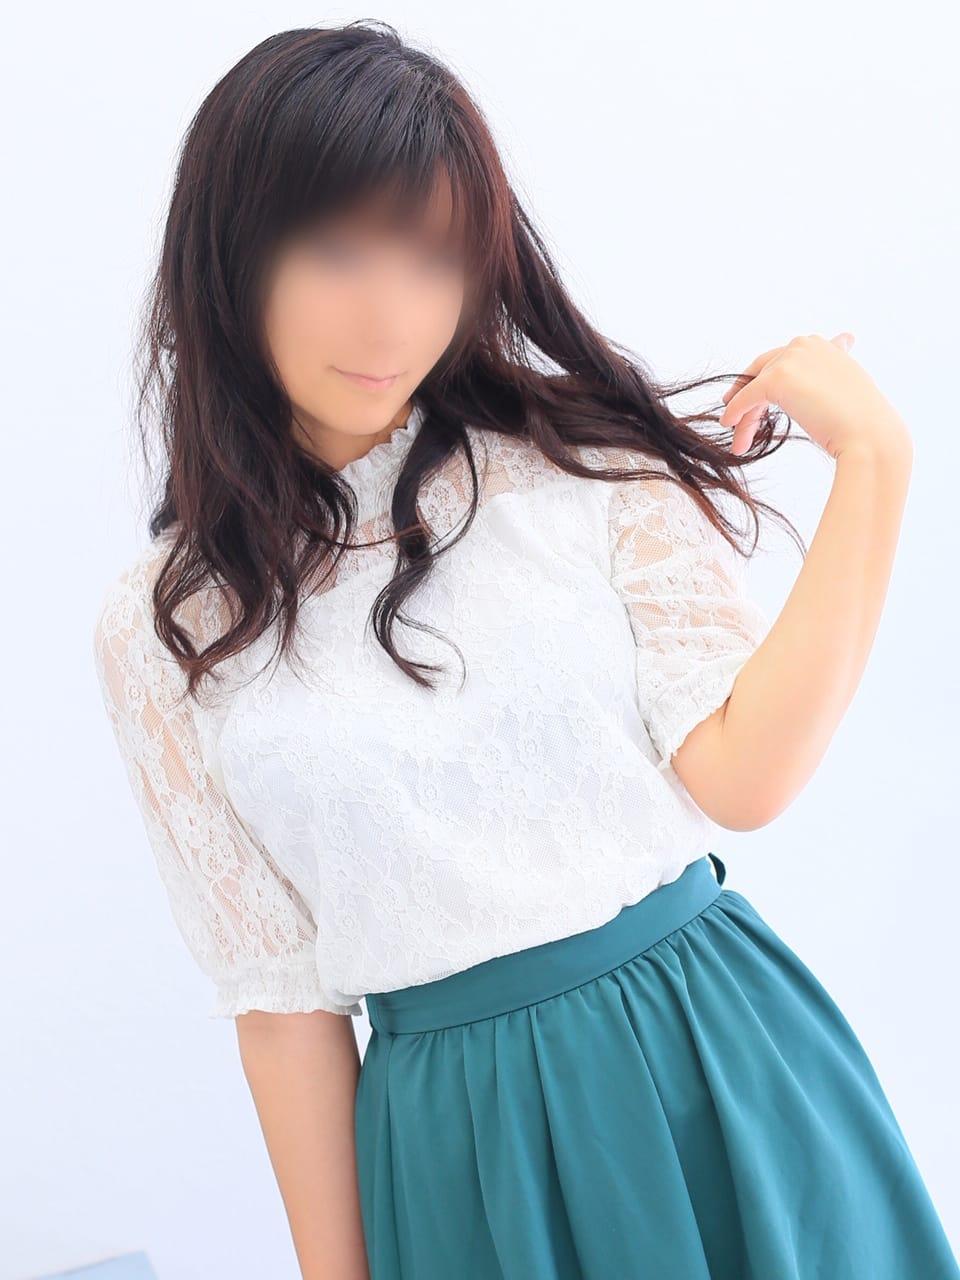 「11月〜???」11/02(11/02) 13:02 | 新人★相原 恋人PLAY大好き♡の写メ・風俗動画